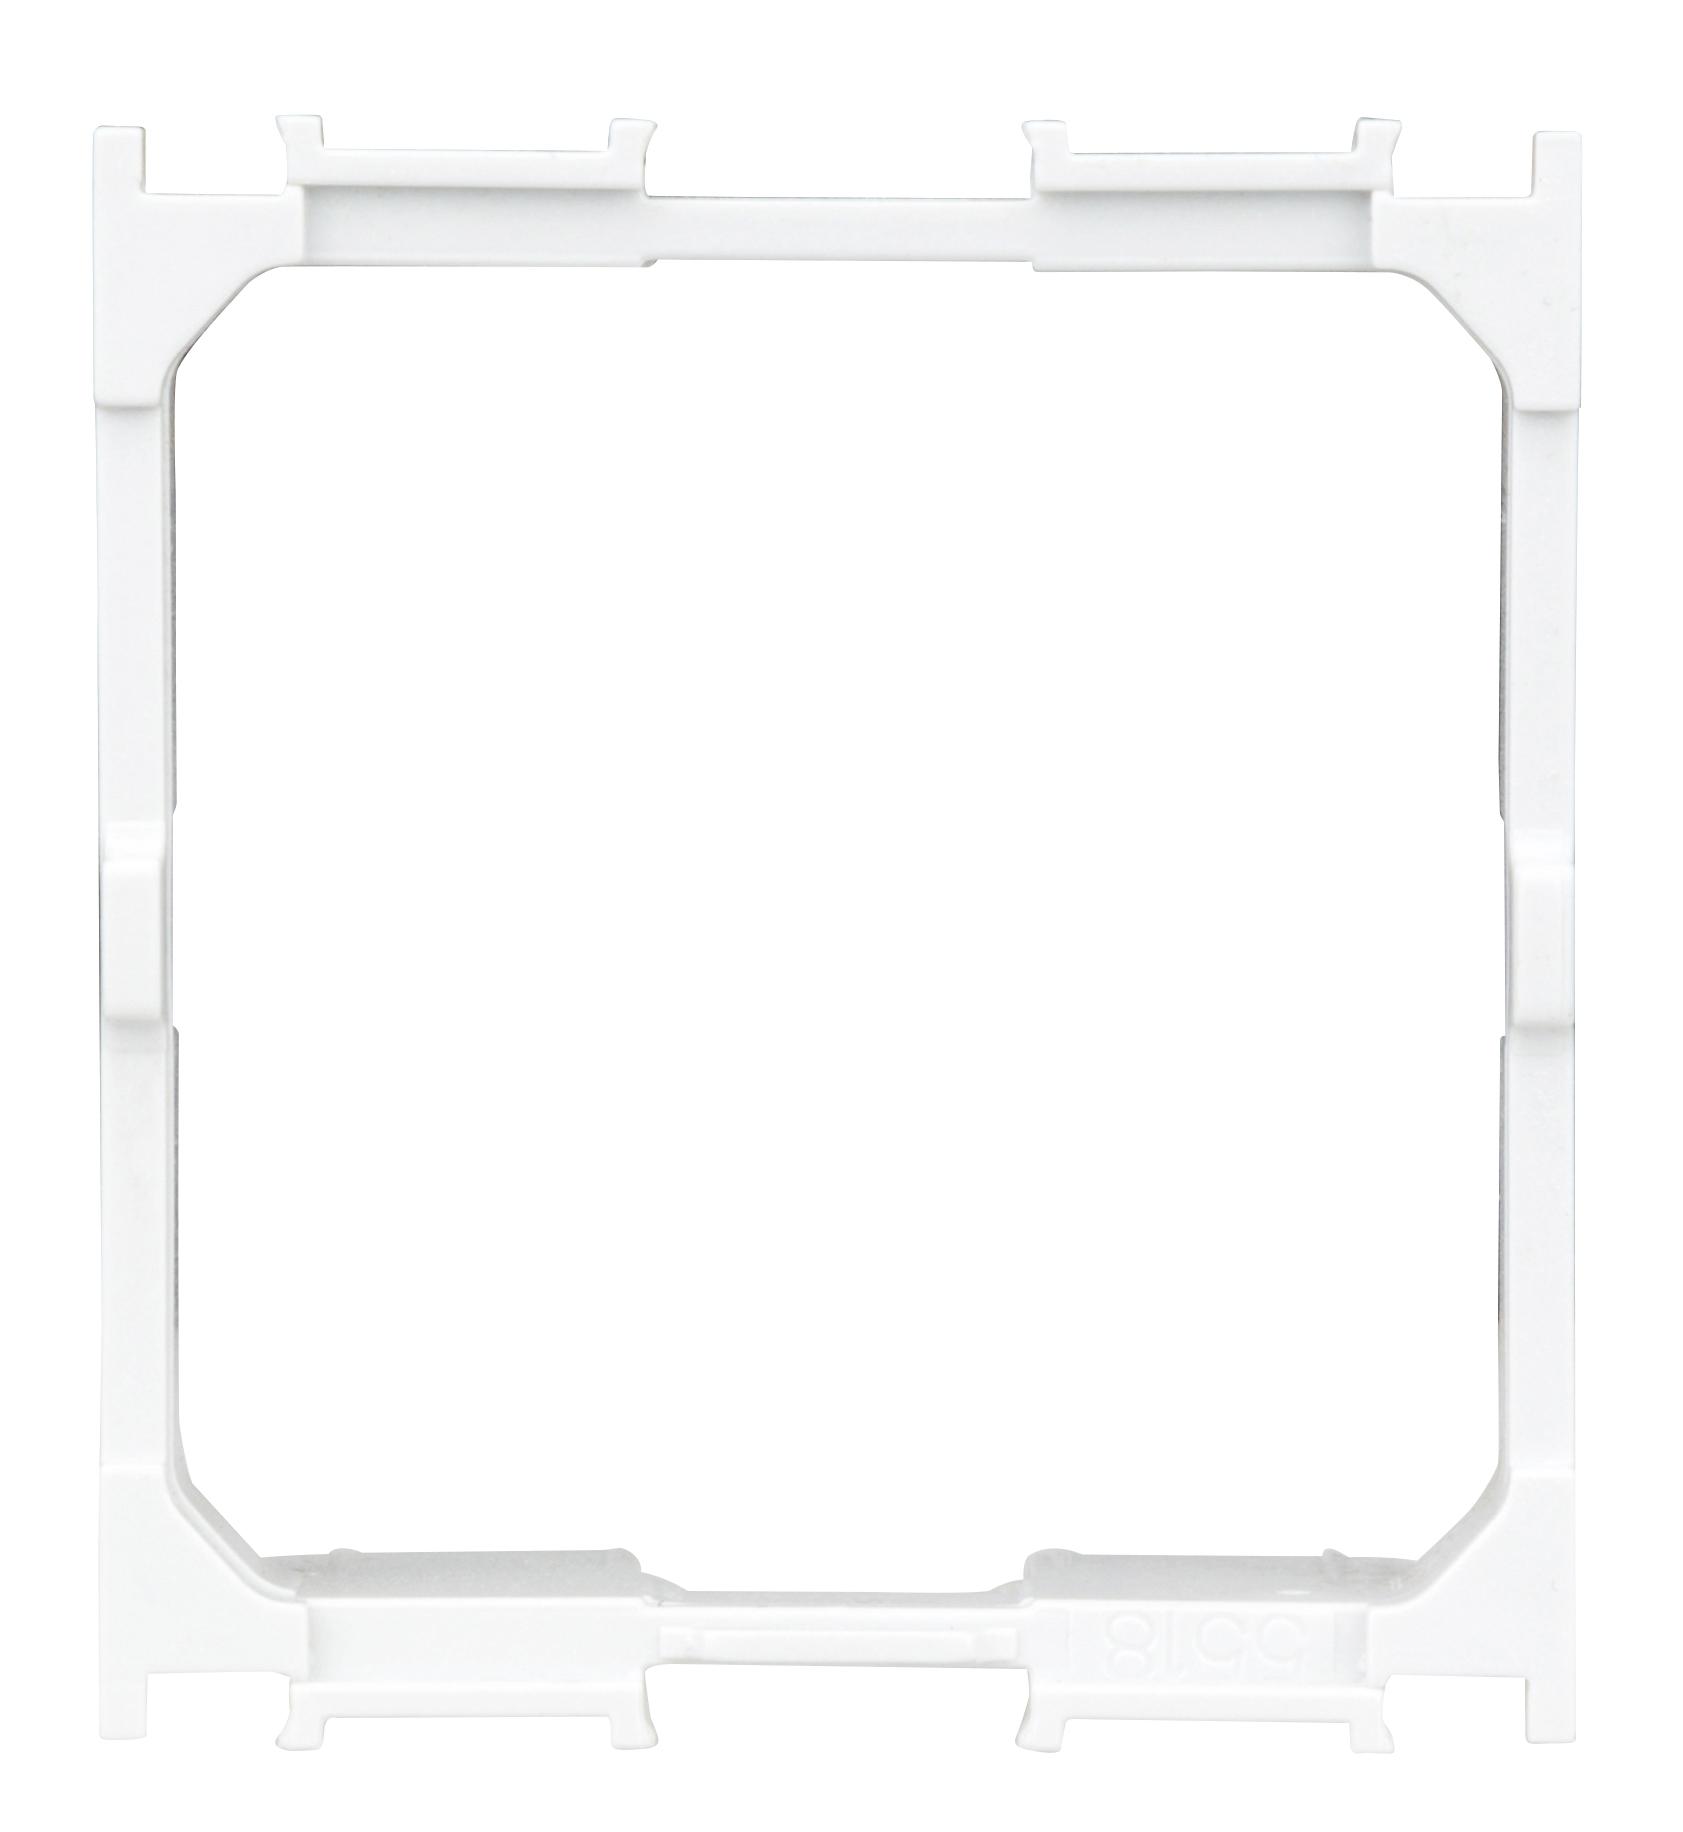 1 Stk Adapter Zentralplatte 2-fach Toolless line HSEMD02W2F ET105083--